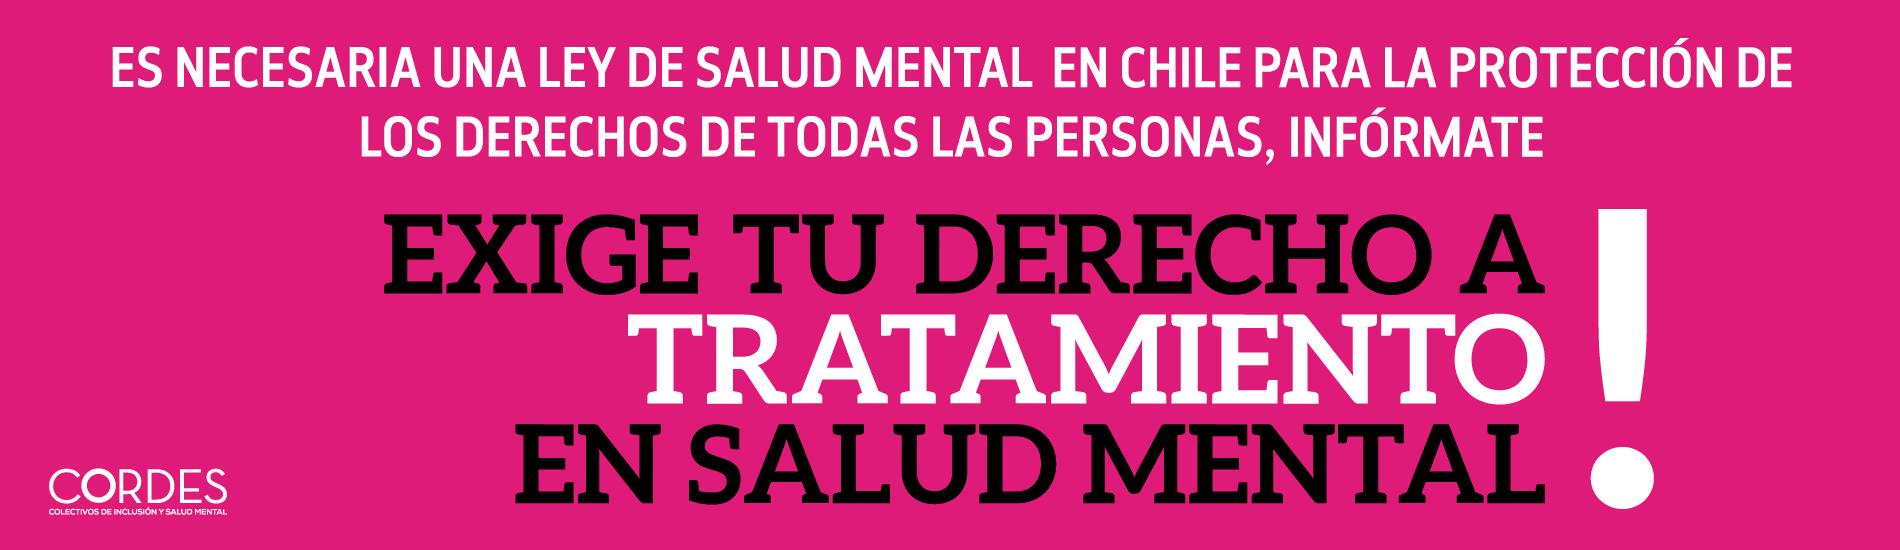 campan%cc%83a-salud-mental-cordes-3